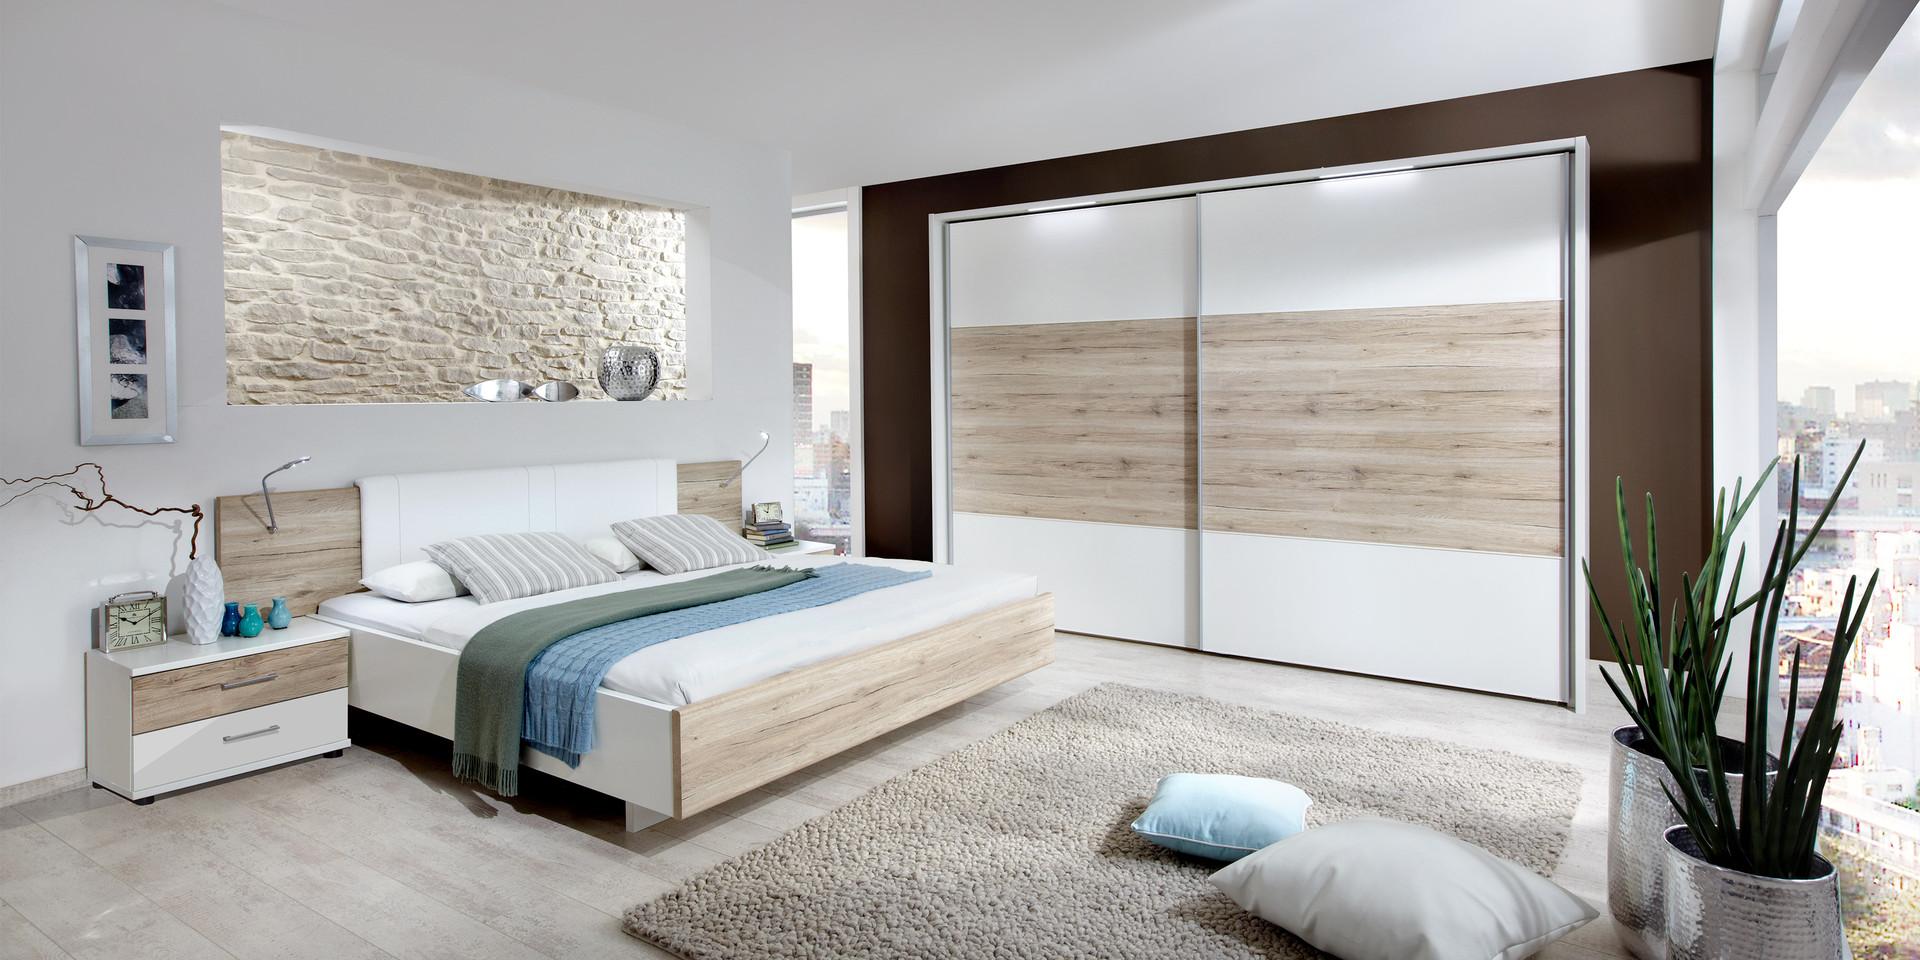 Slaapkamer arizona meubelen tilt de keizer for Moderne slaapkamer catalogus